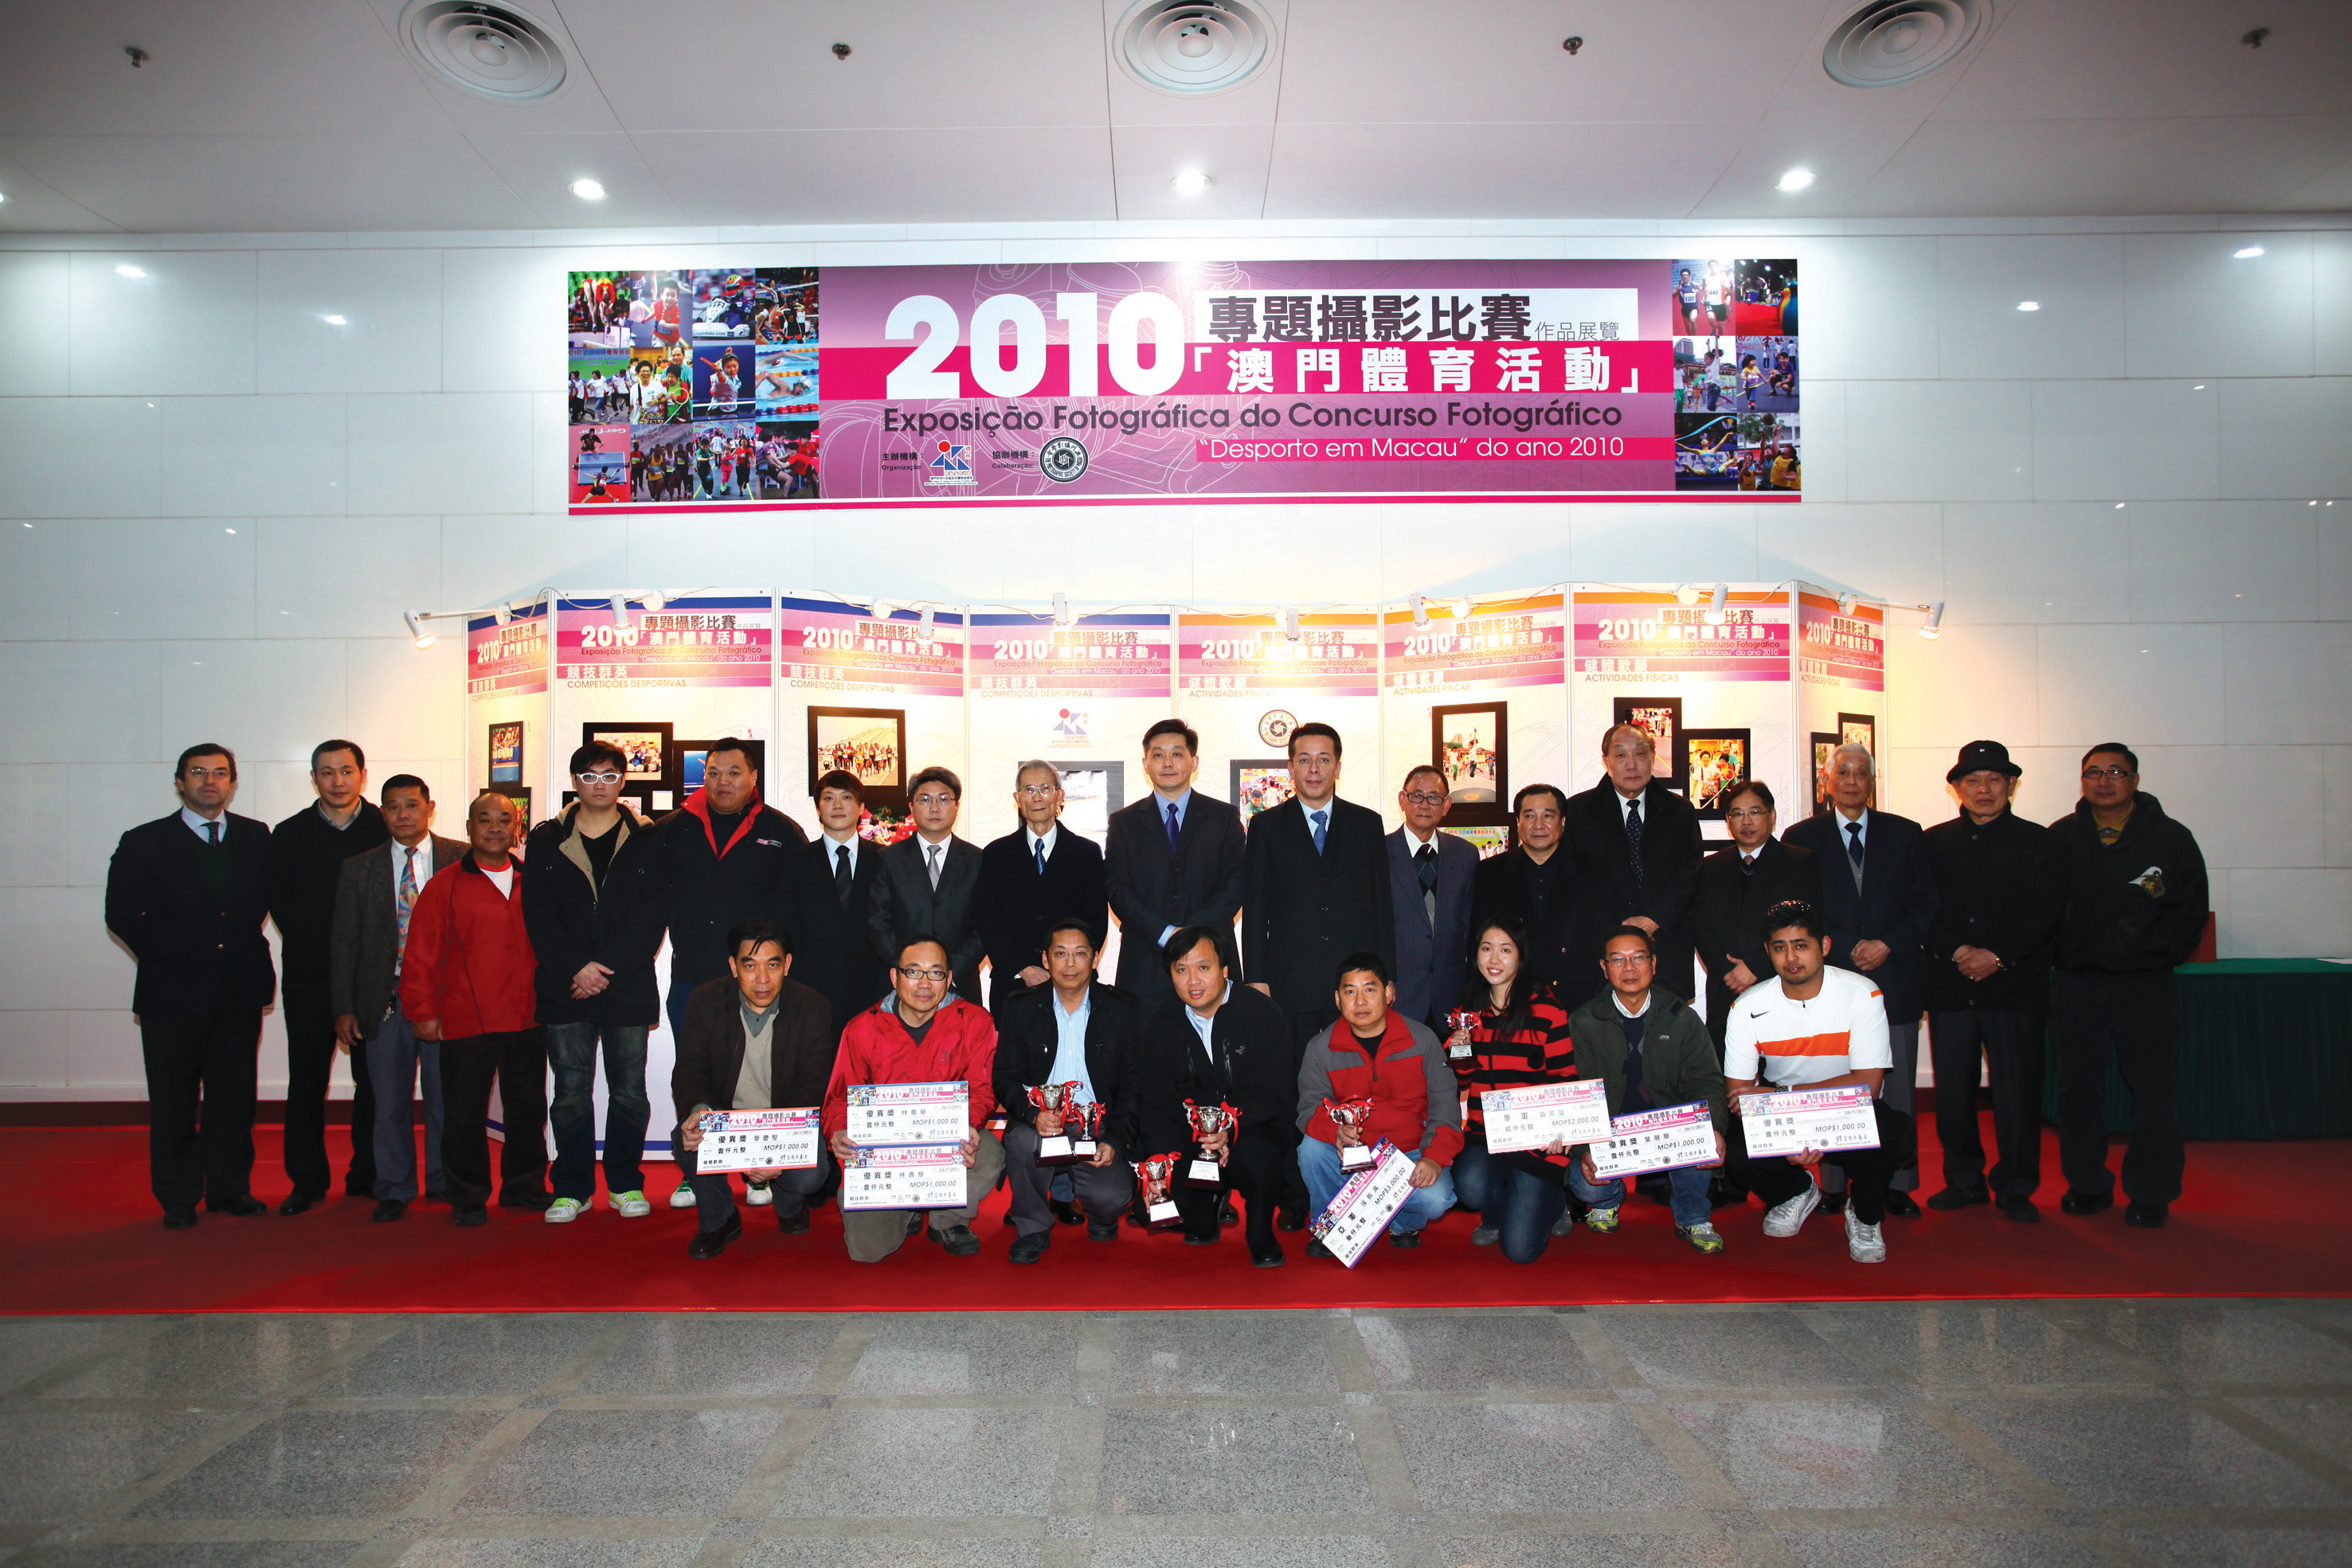 Concurso fotografico clarin 2010 59